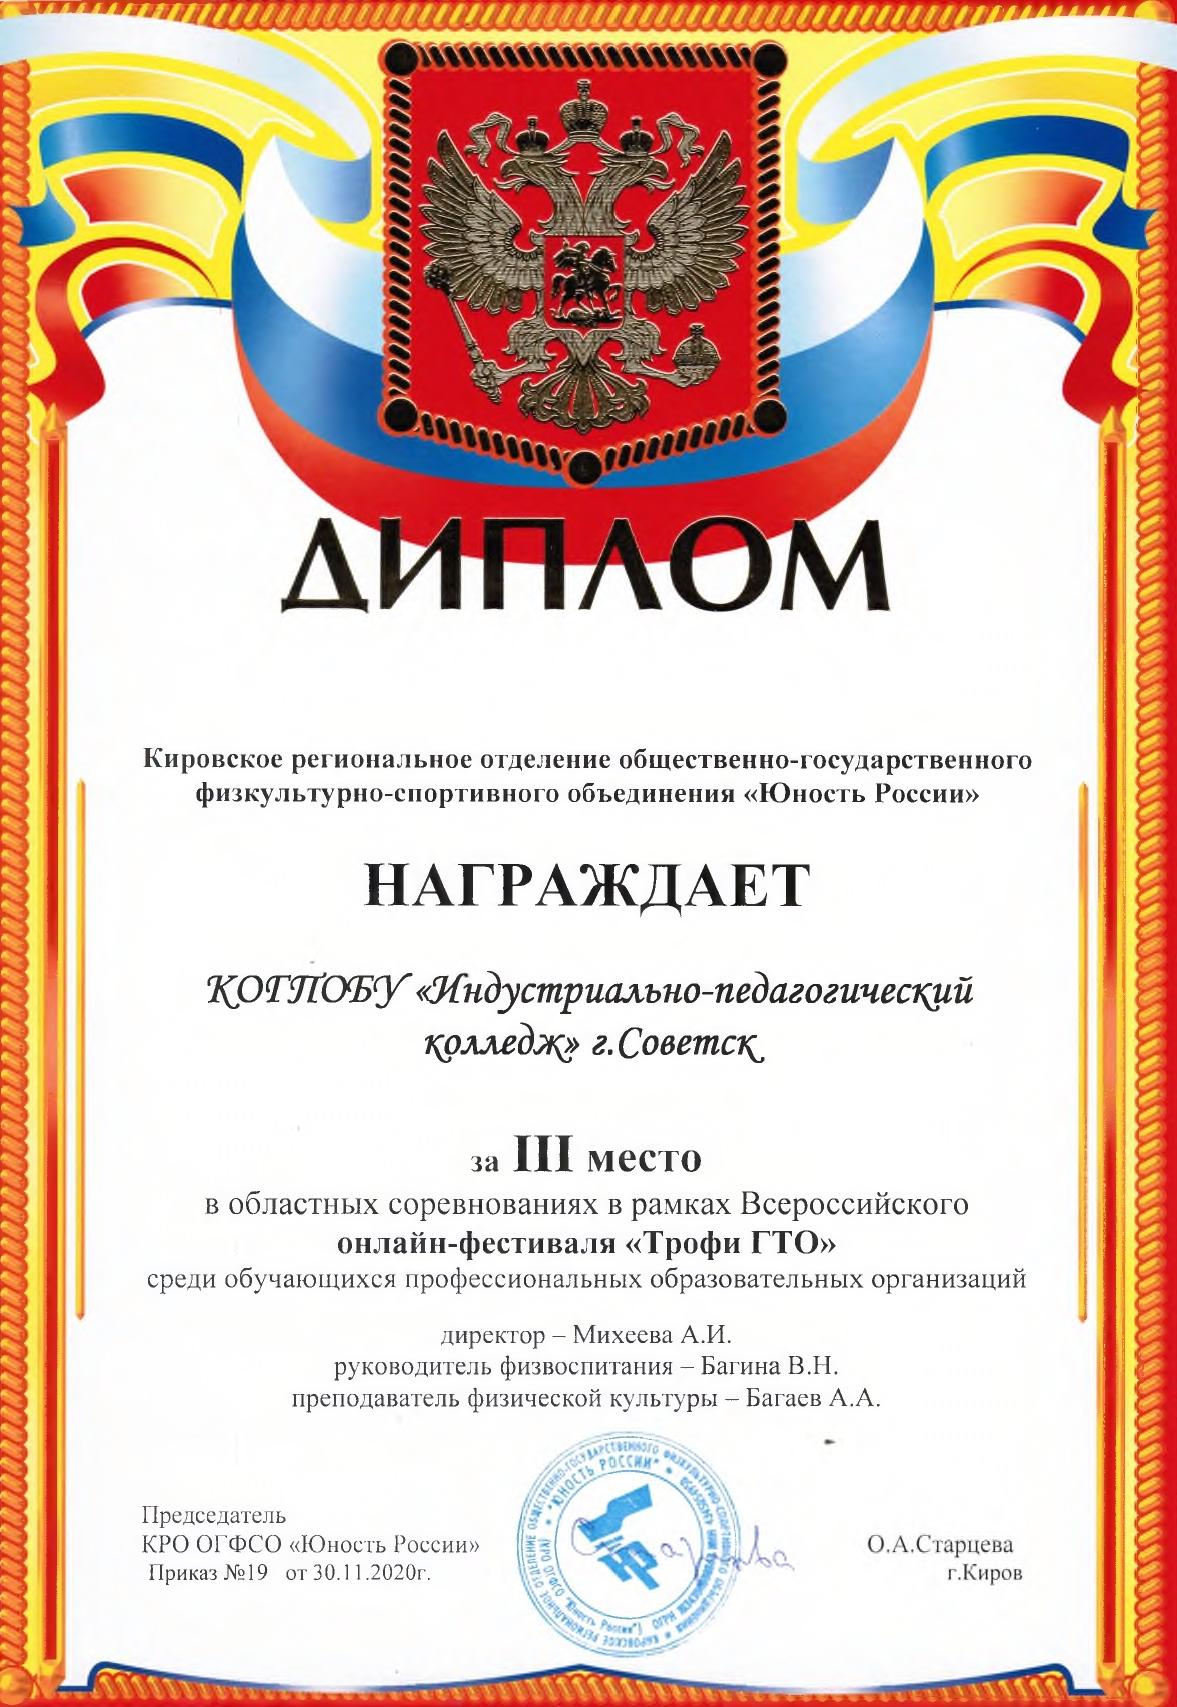 Трофи-ГТО